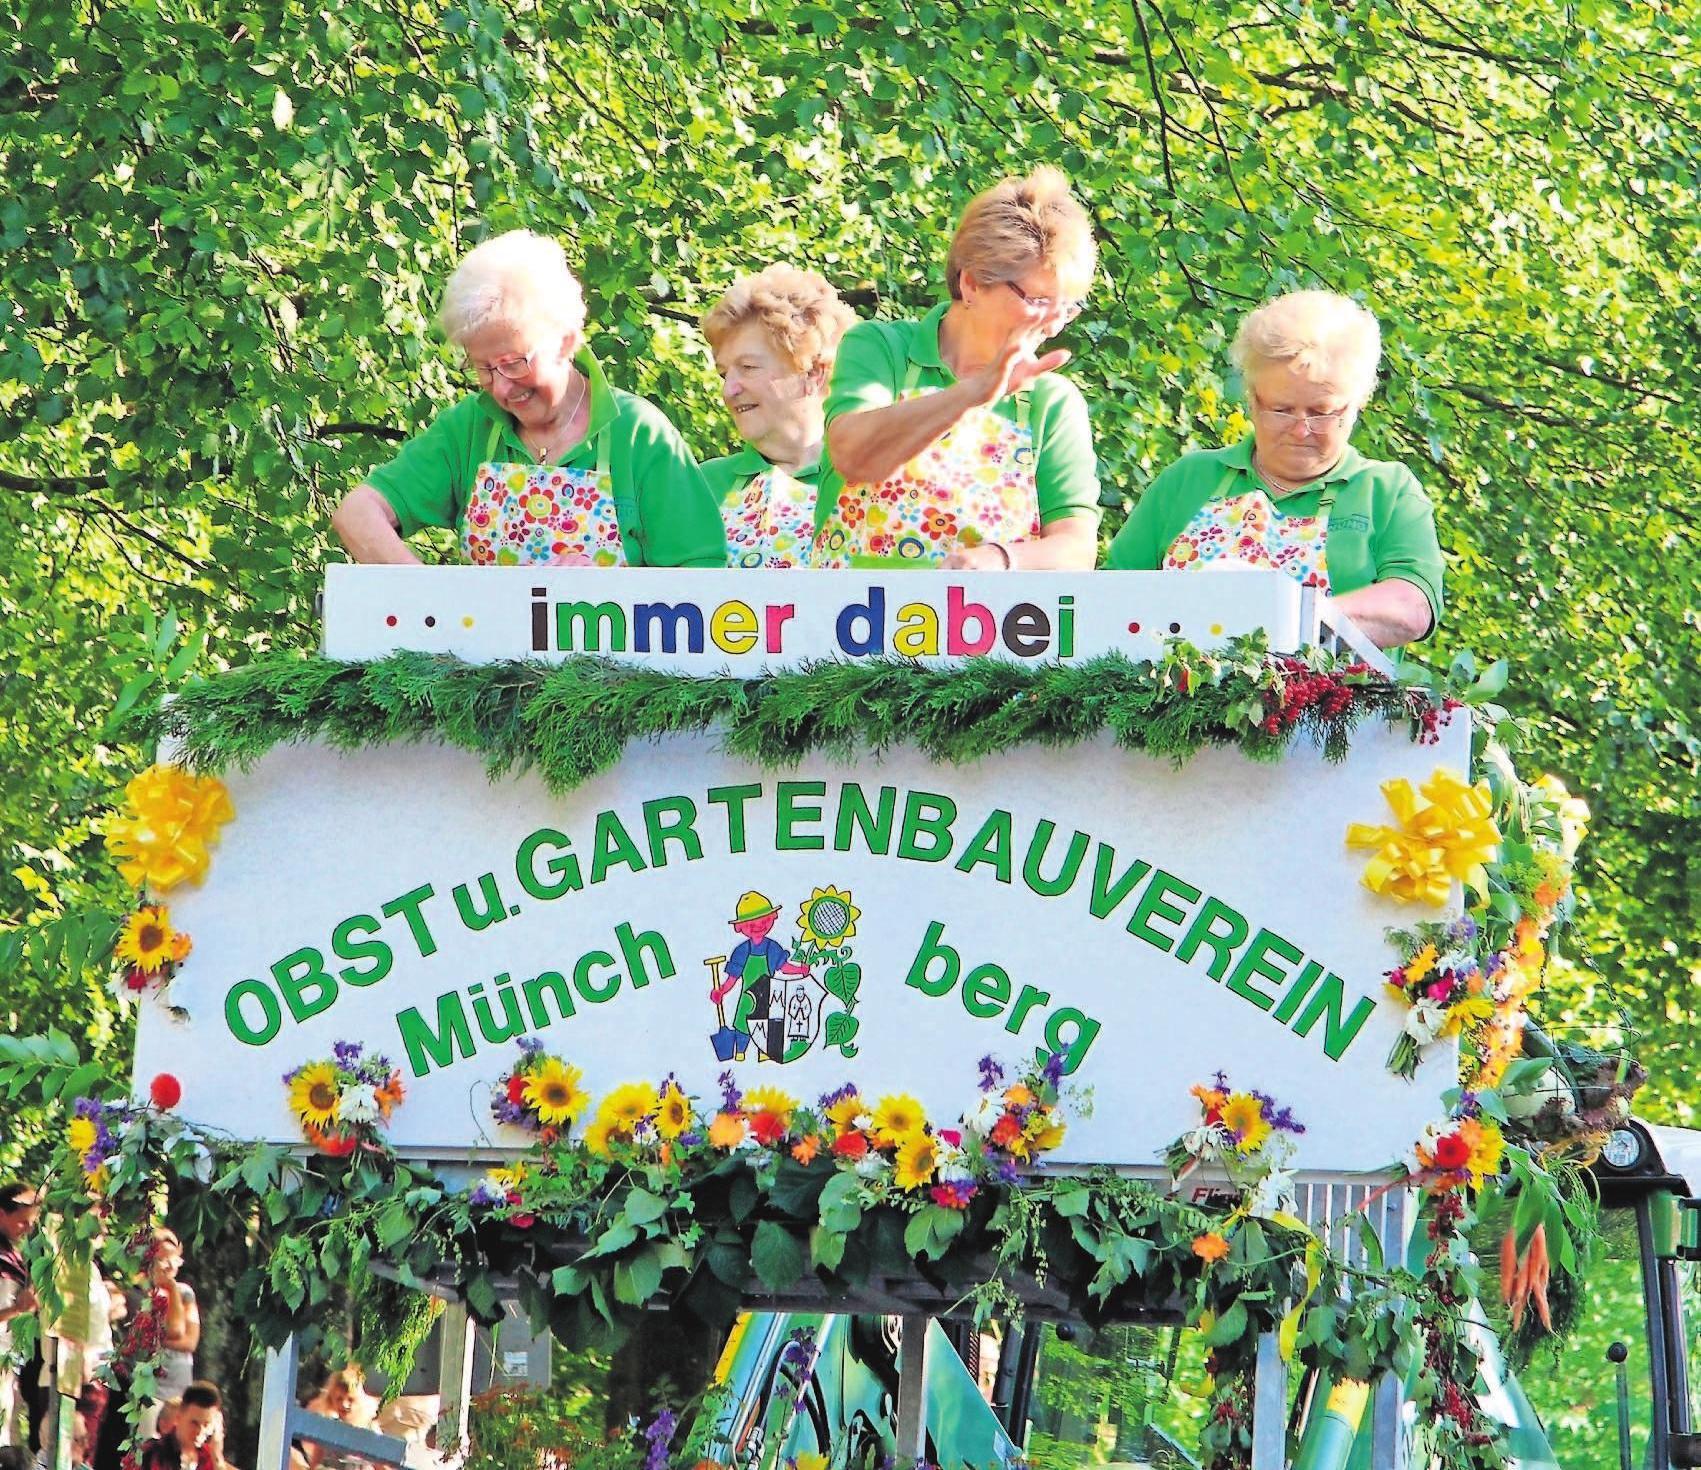 Rund 1800 Teilnehmer sind beim Festzug der Vereine am Samstag am Start – einer der Höhepunkte des Münchberger Wiesenfestes.